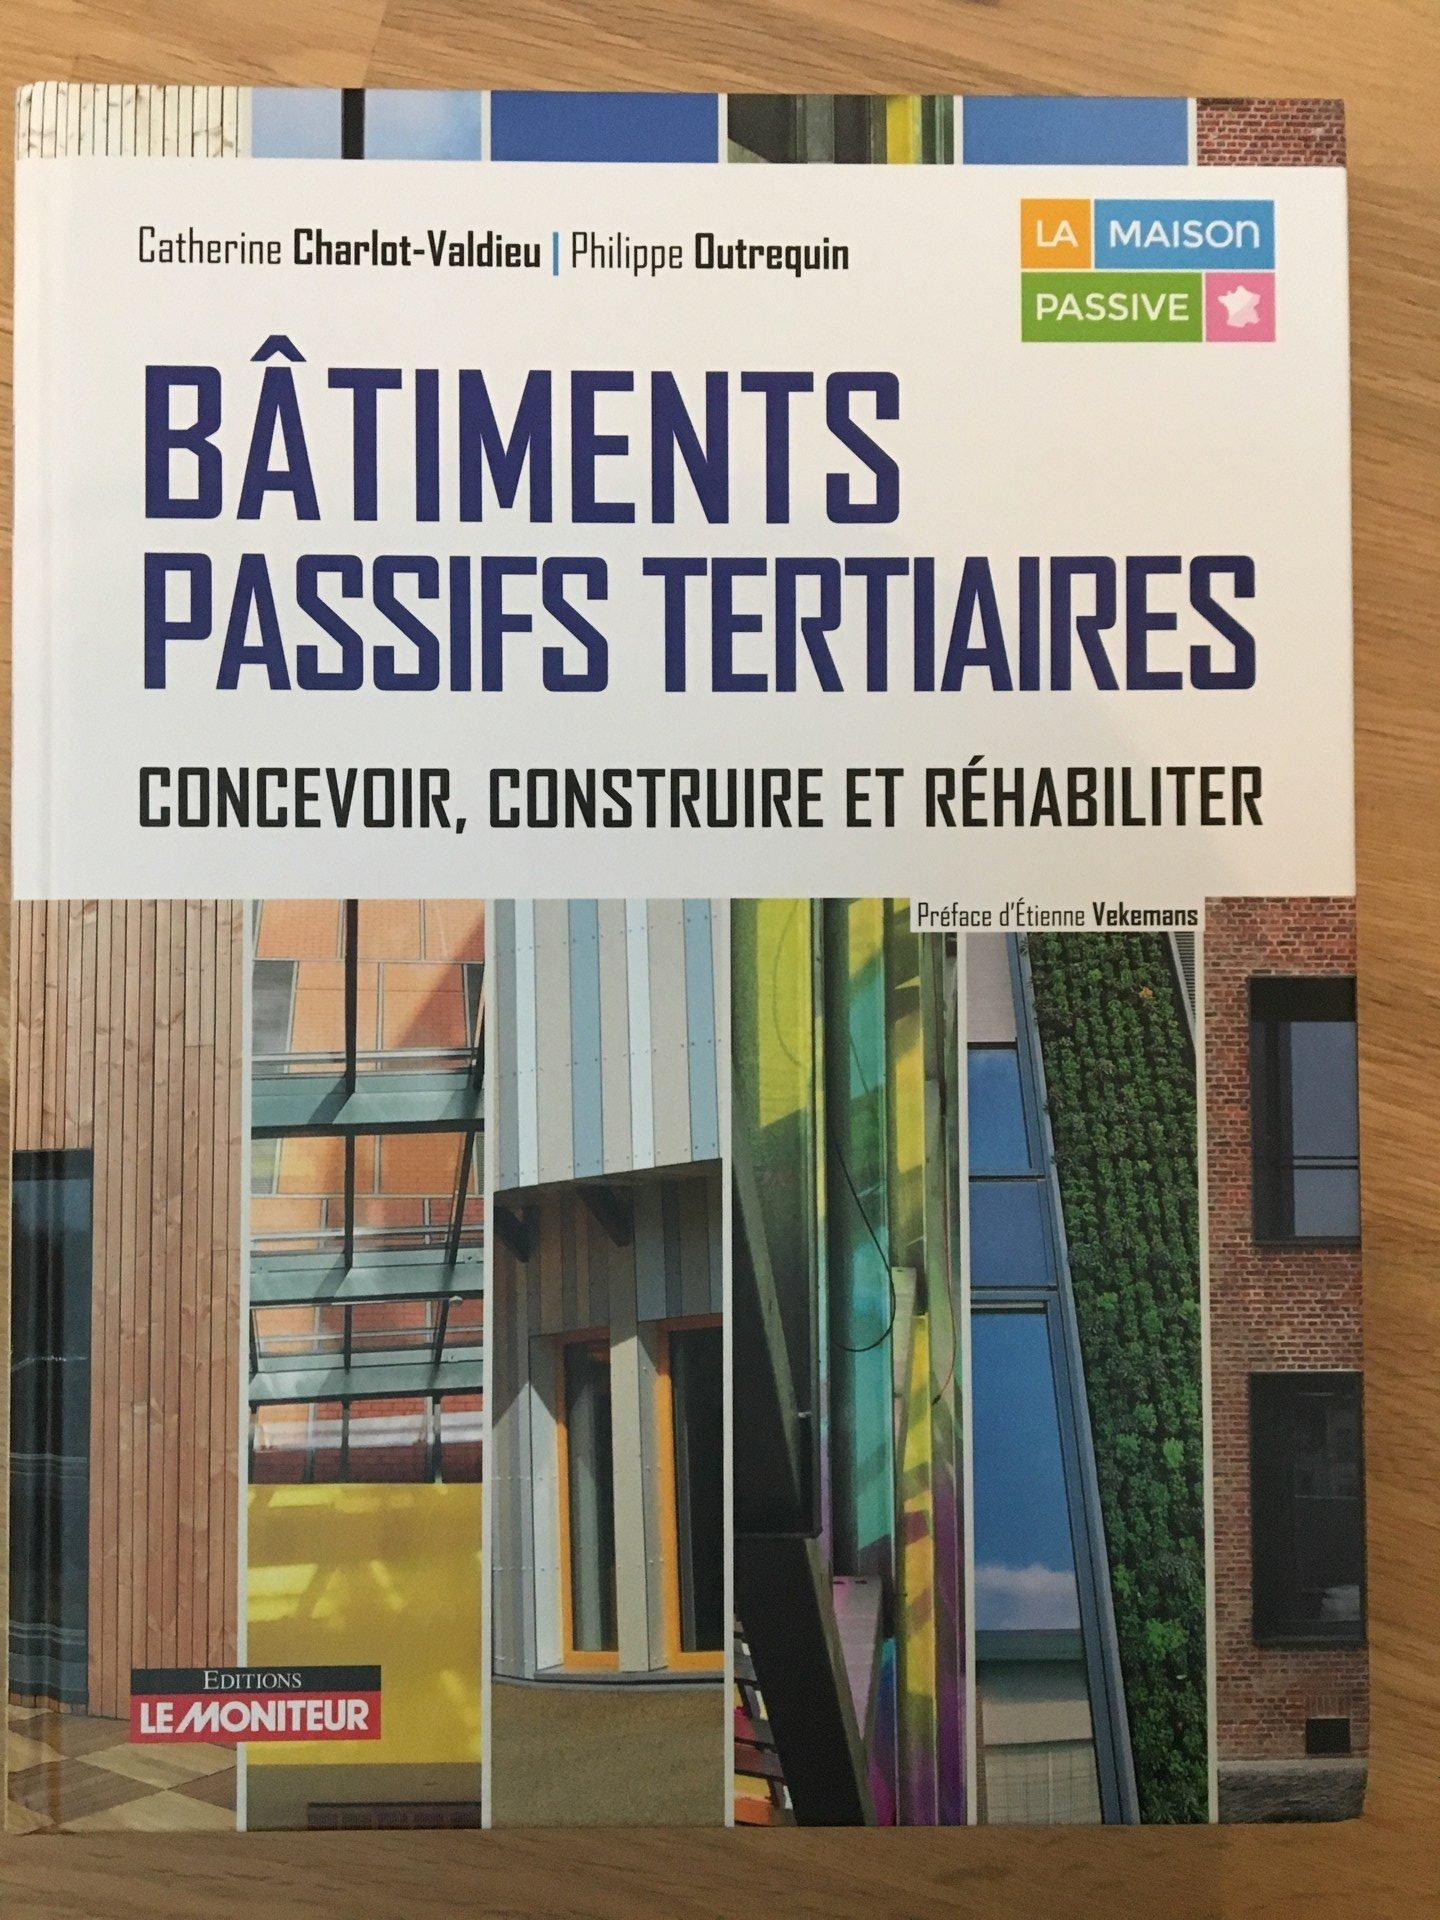 Nouvelle publication le Moniteur «Bâtiments passifs tertiaires»